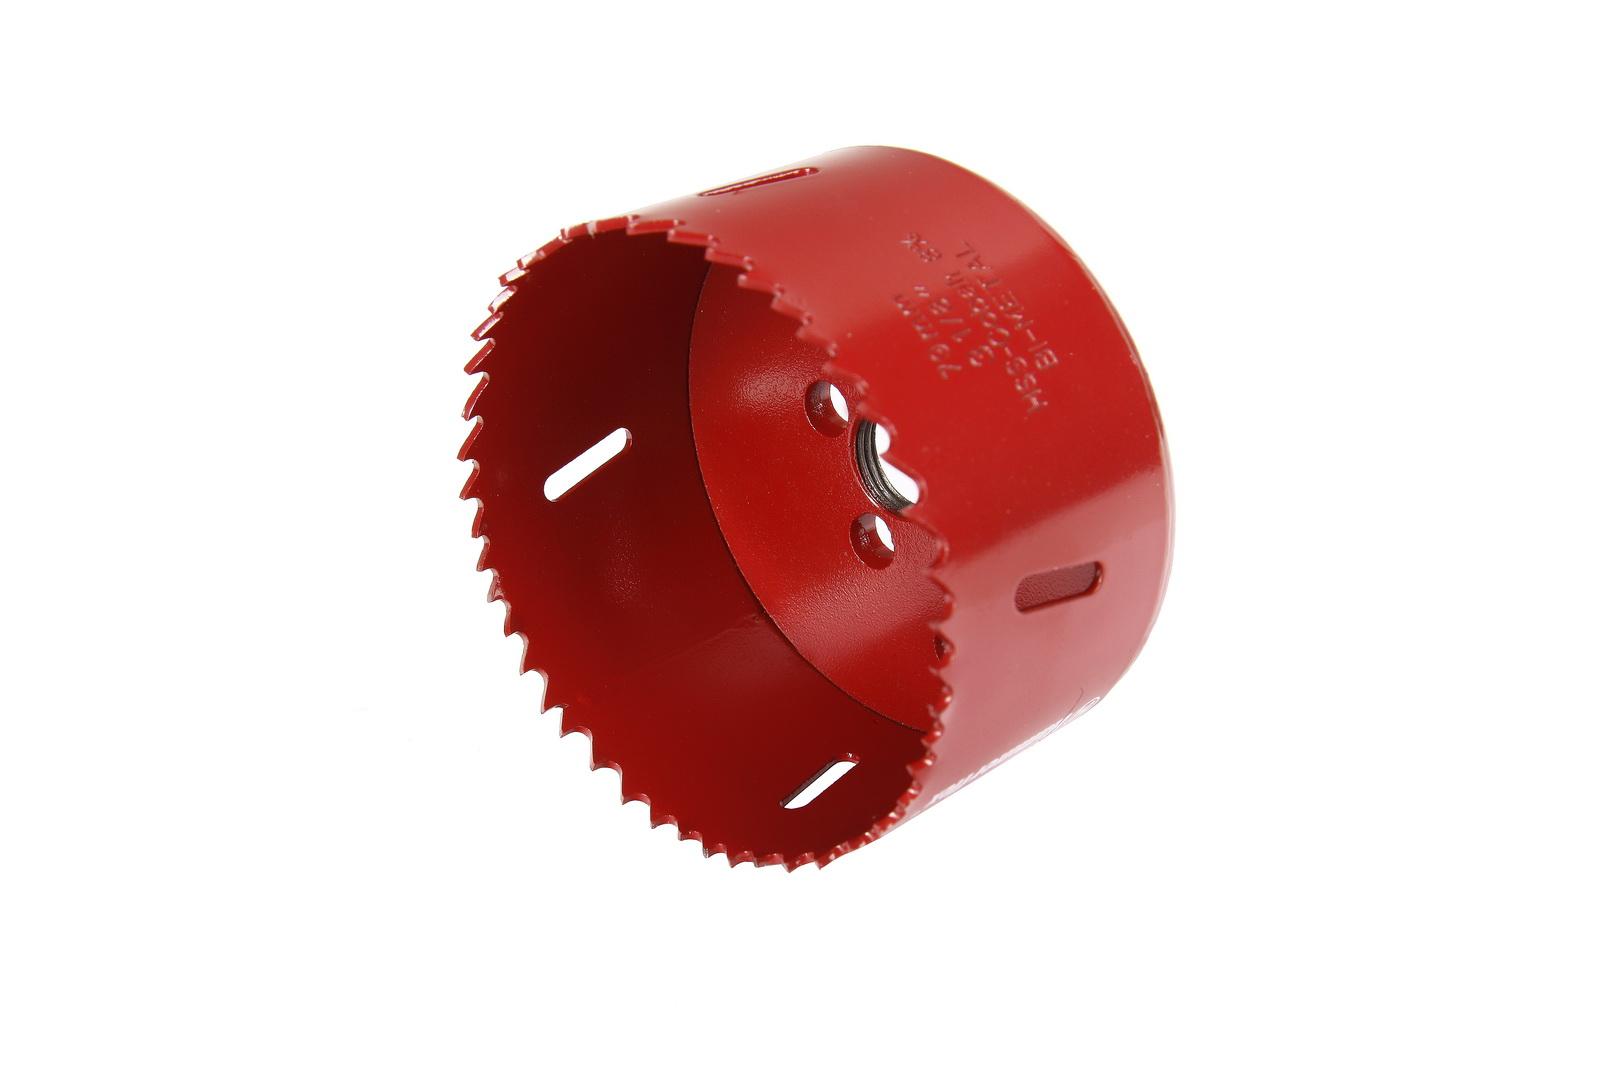 Коронка биметаллическая Hammer 224-014 bimetall 79 мм адаптер hammer 224 017 33683